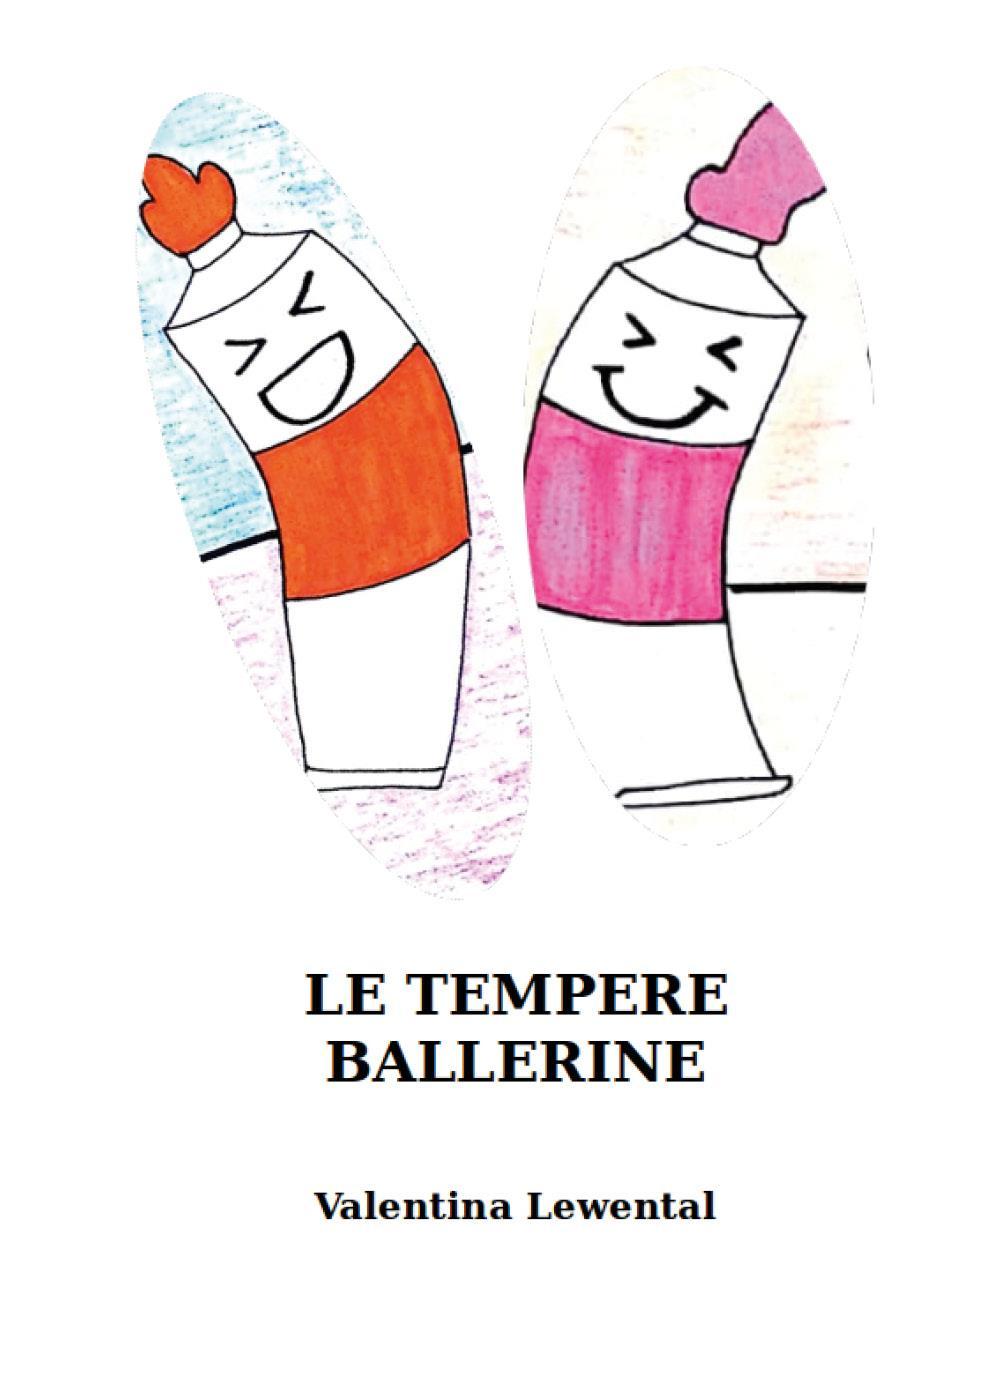 Le Tempere Ballerine